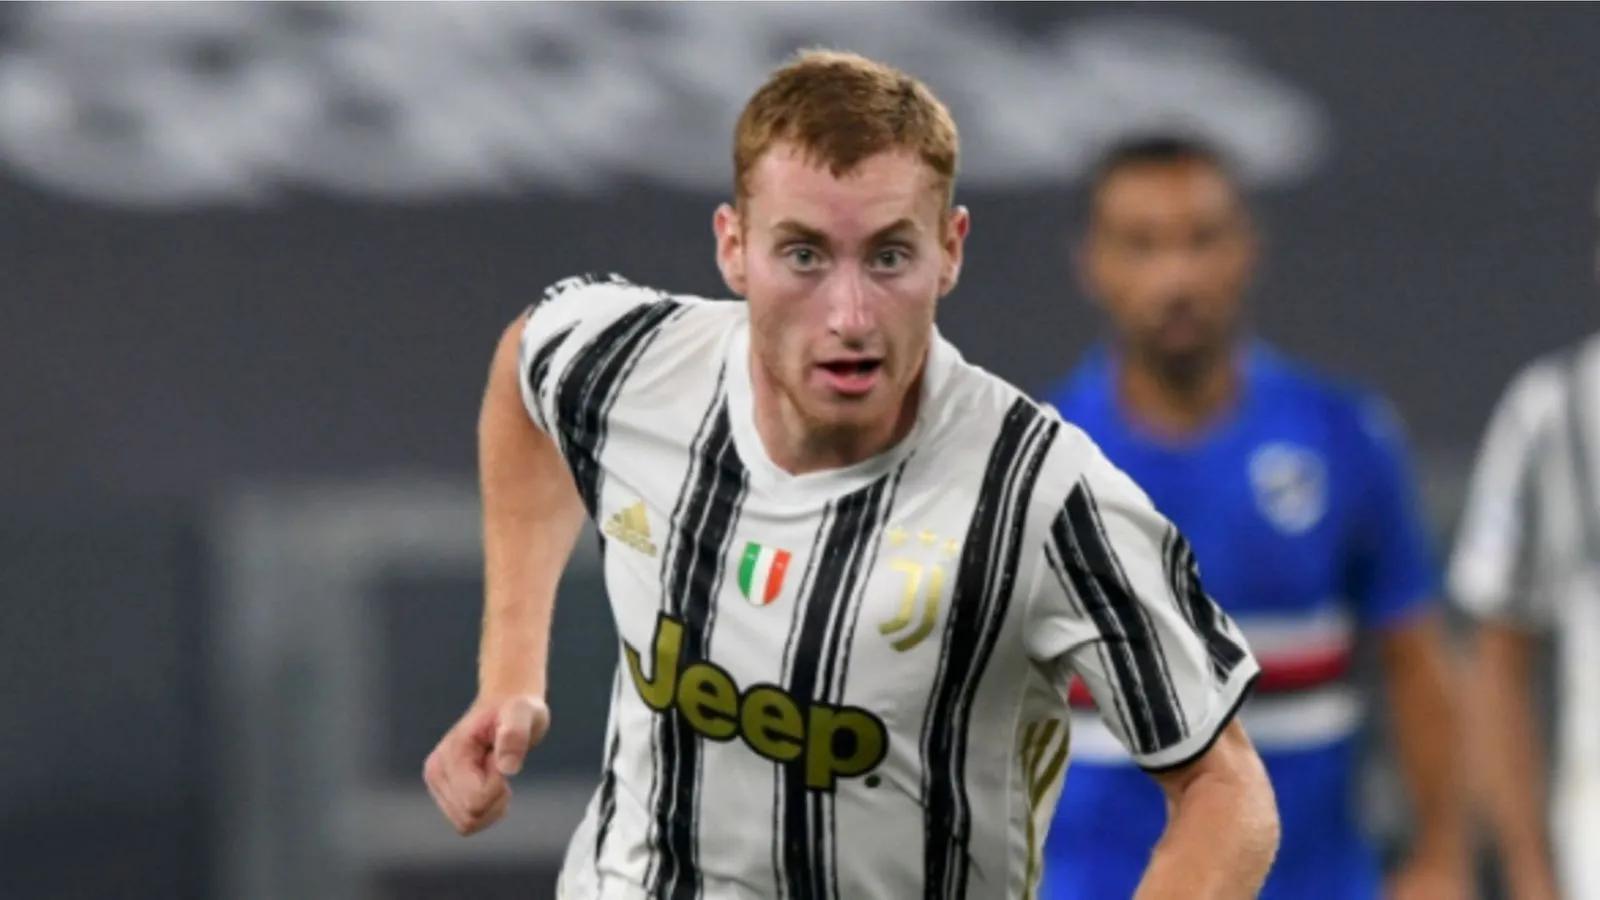 Cầu thủ 19 tuổi Thụy Điển đang được săn đón bởi tài năng vô cùng xuất sắc